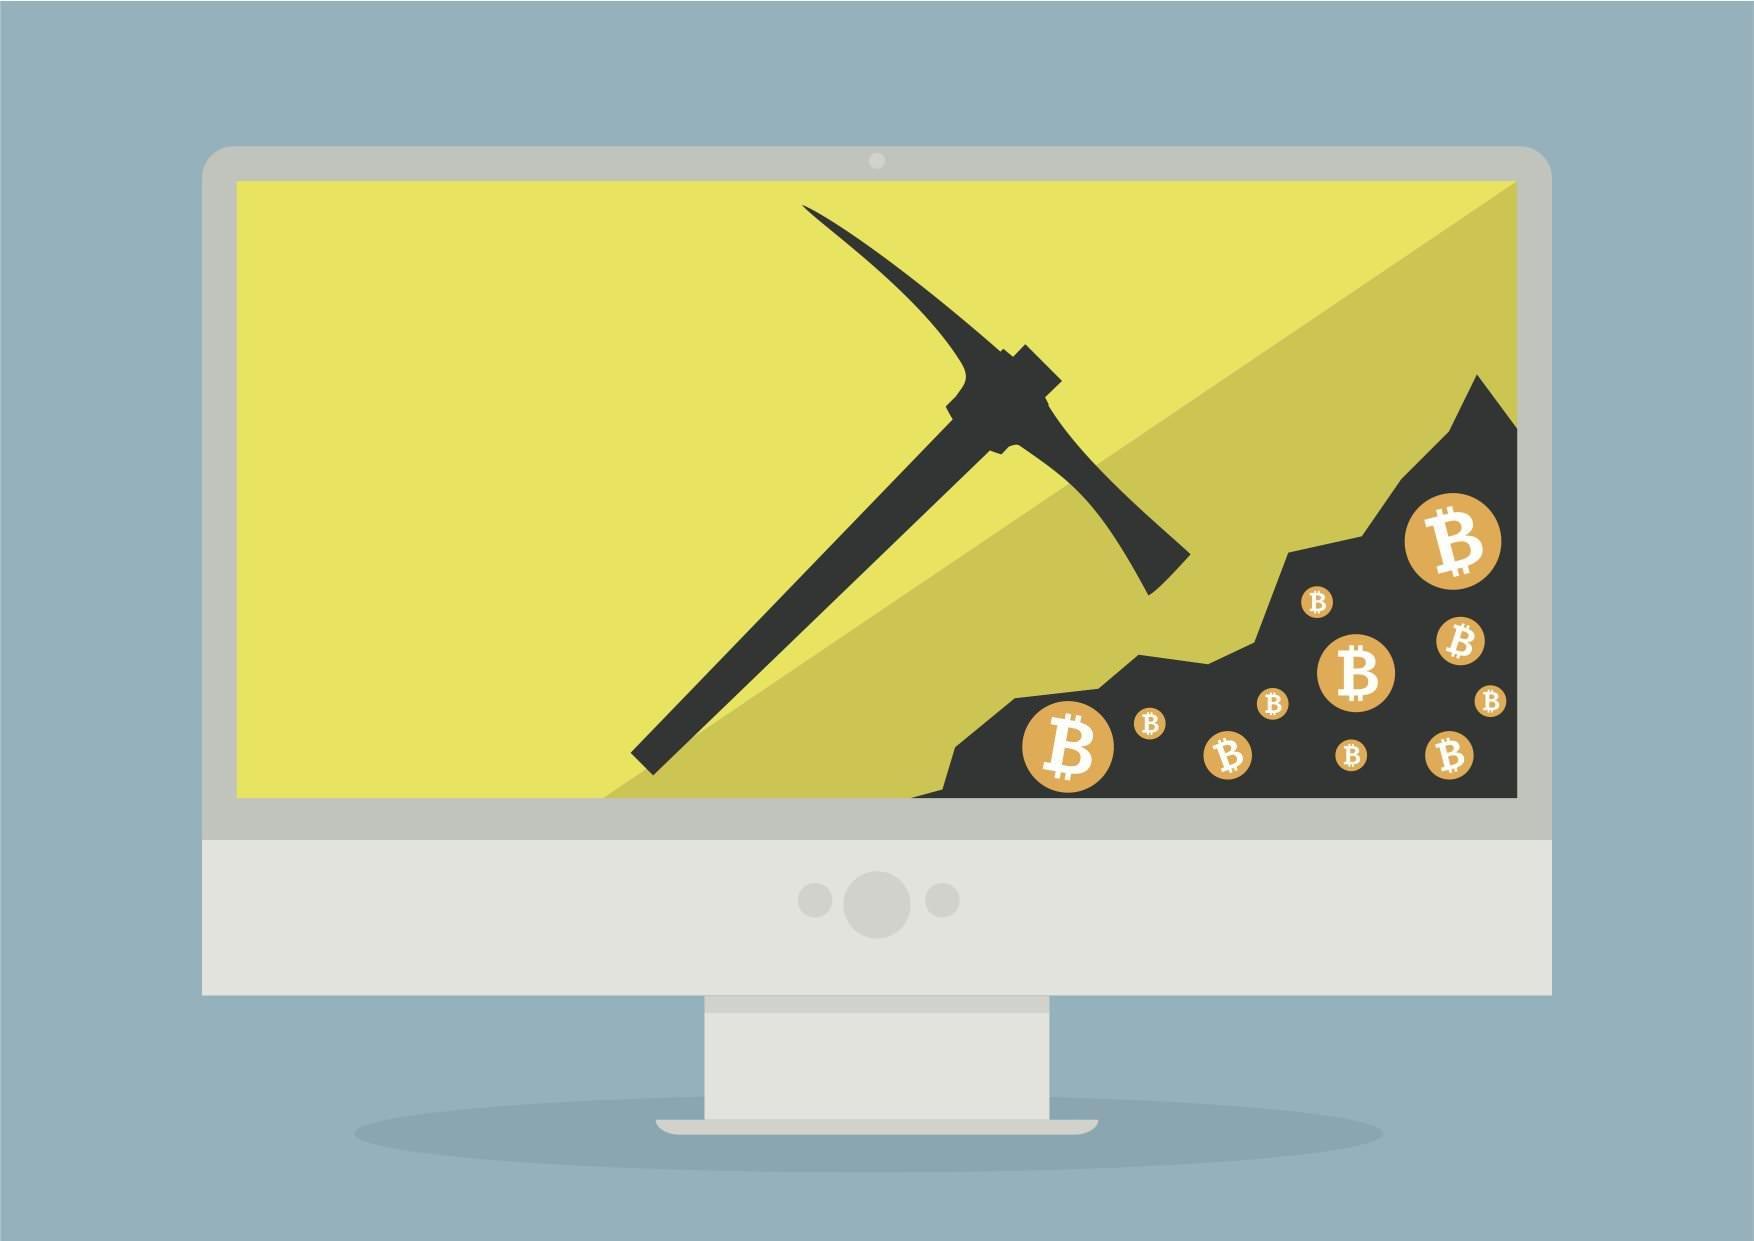 какую криптовалюту сейчас выгодно майнить 2018